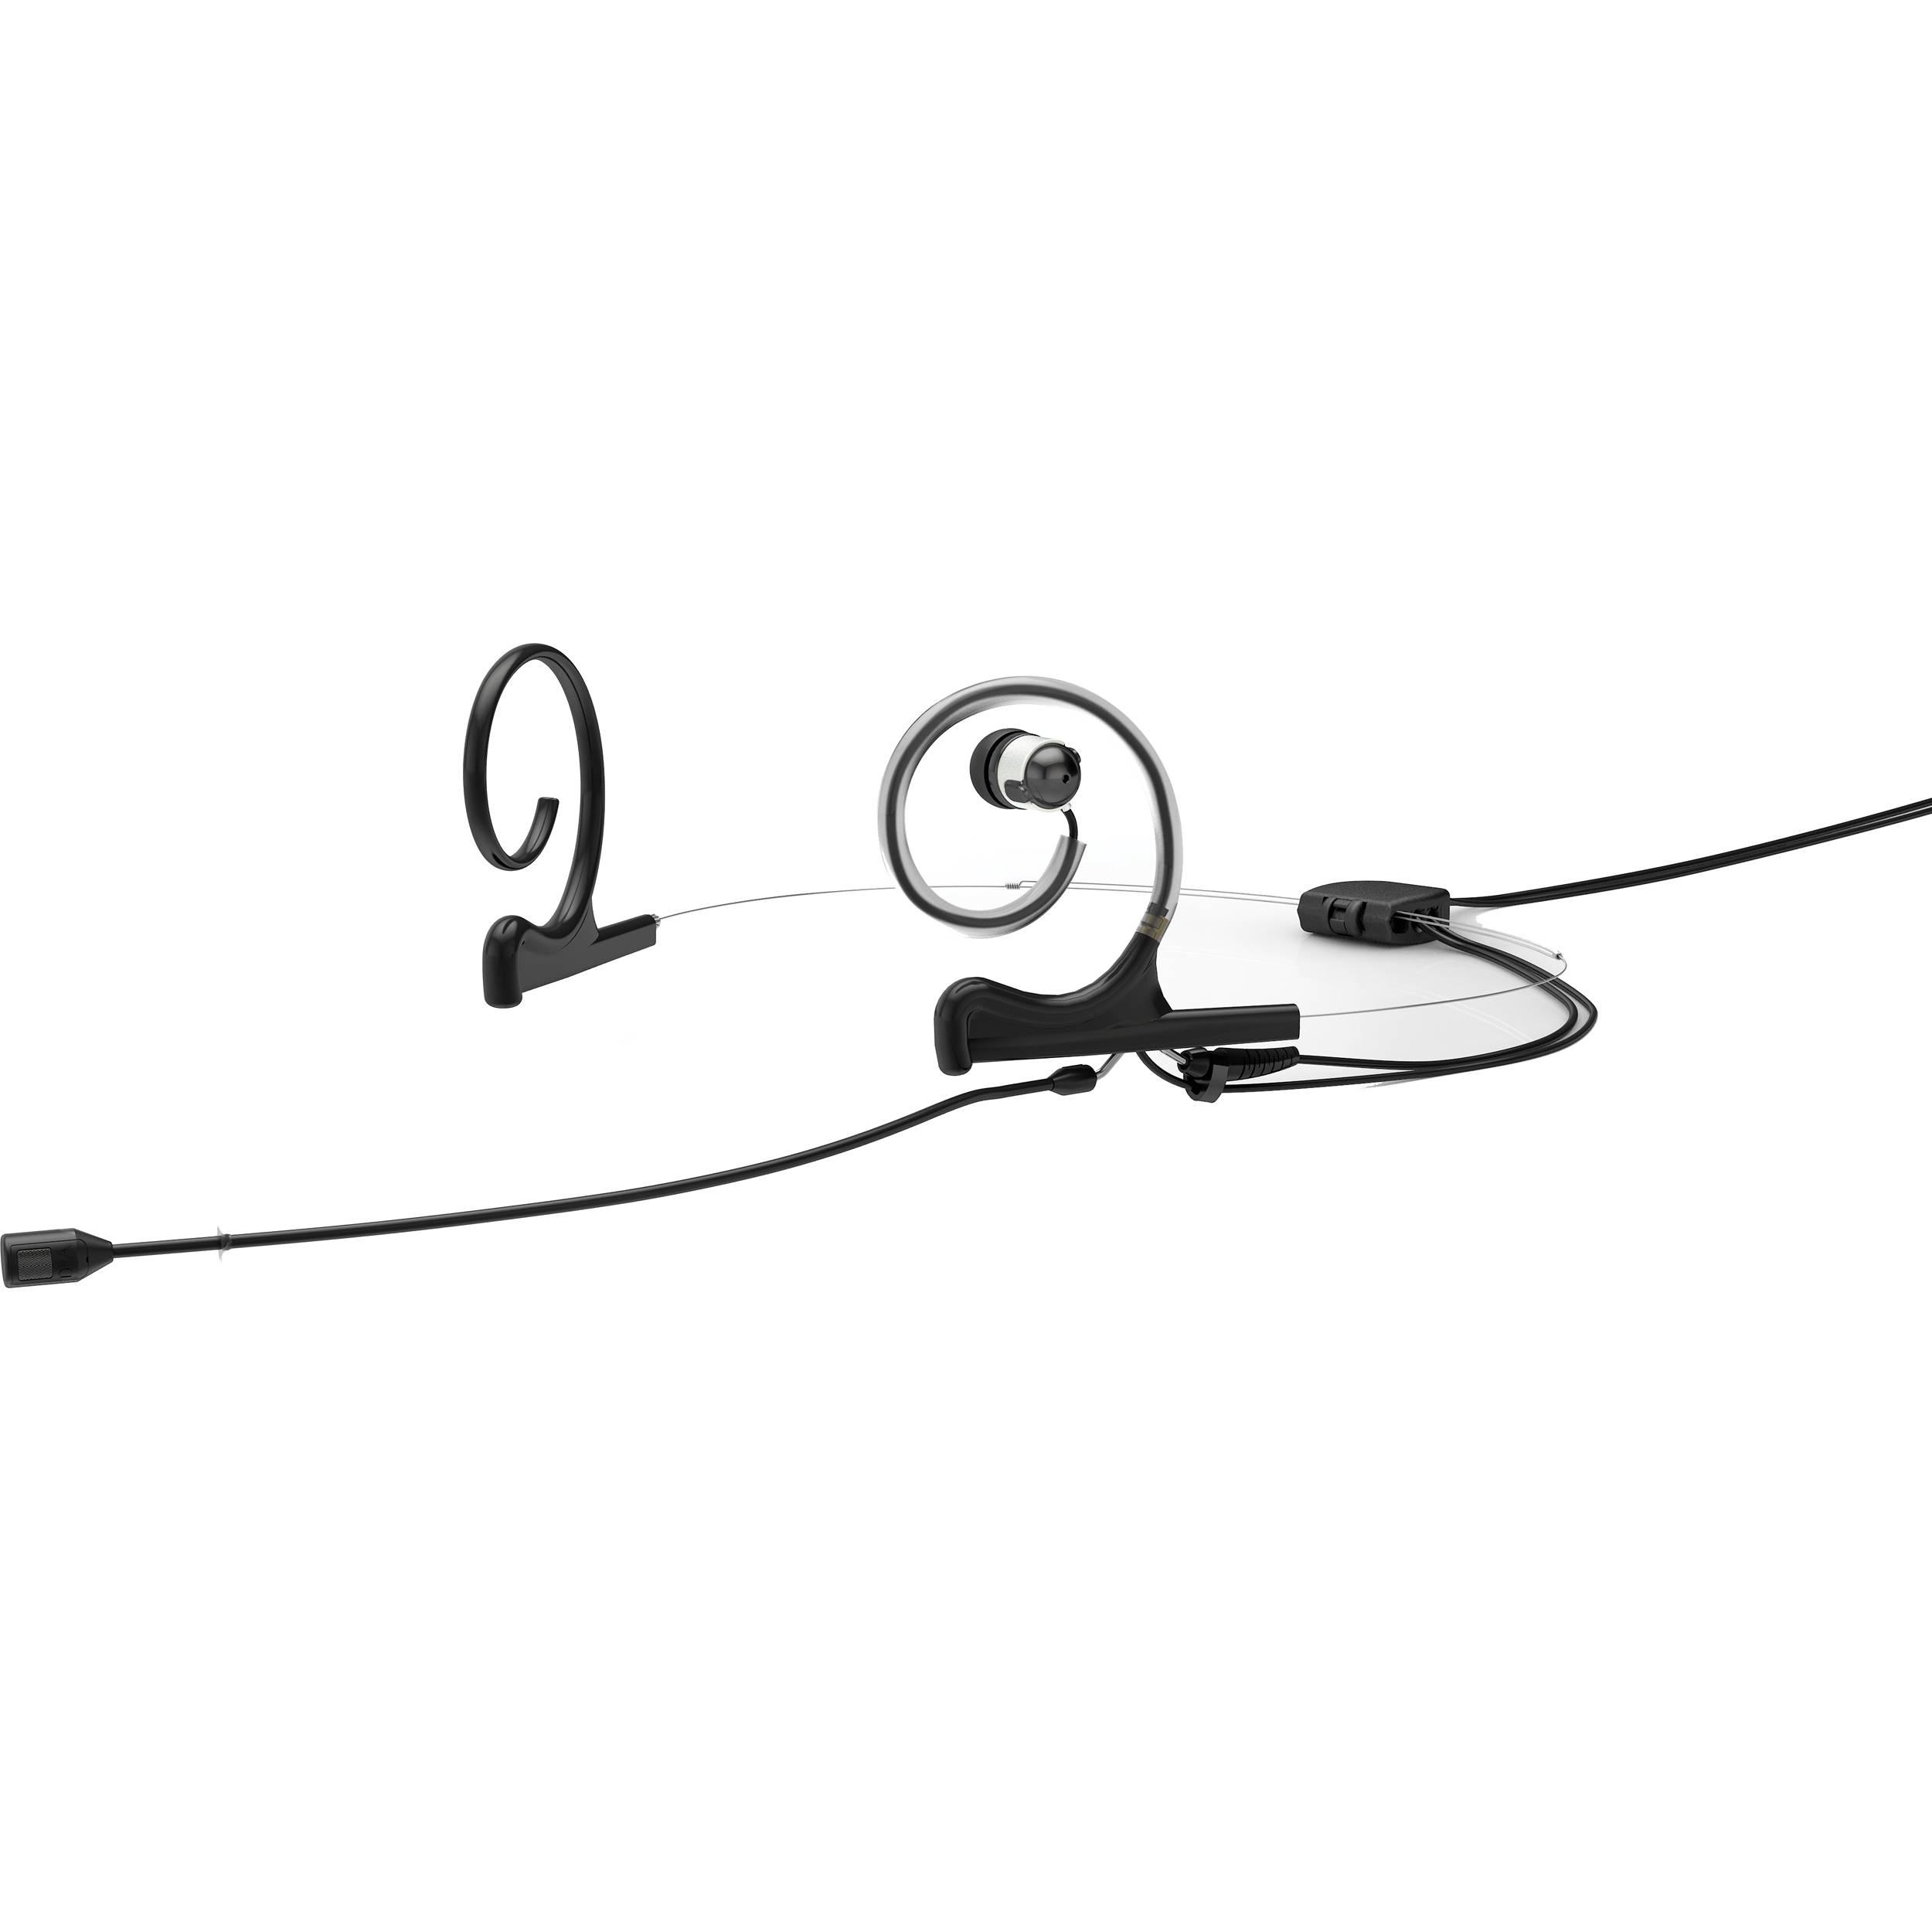 DPA Microphones d:fine 4088 In-Ear Broadcast FID88BA56-2-IE1-B